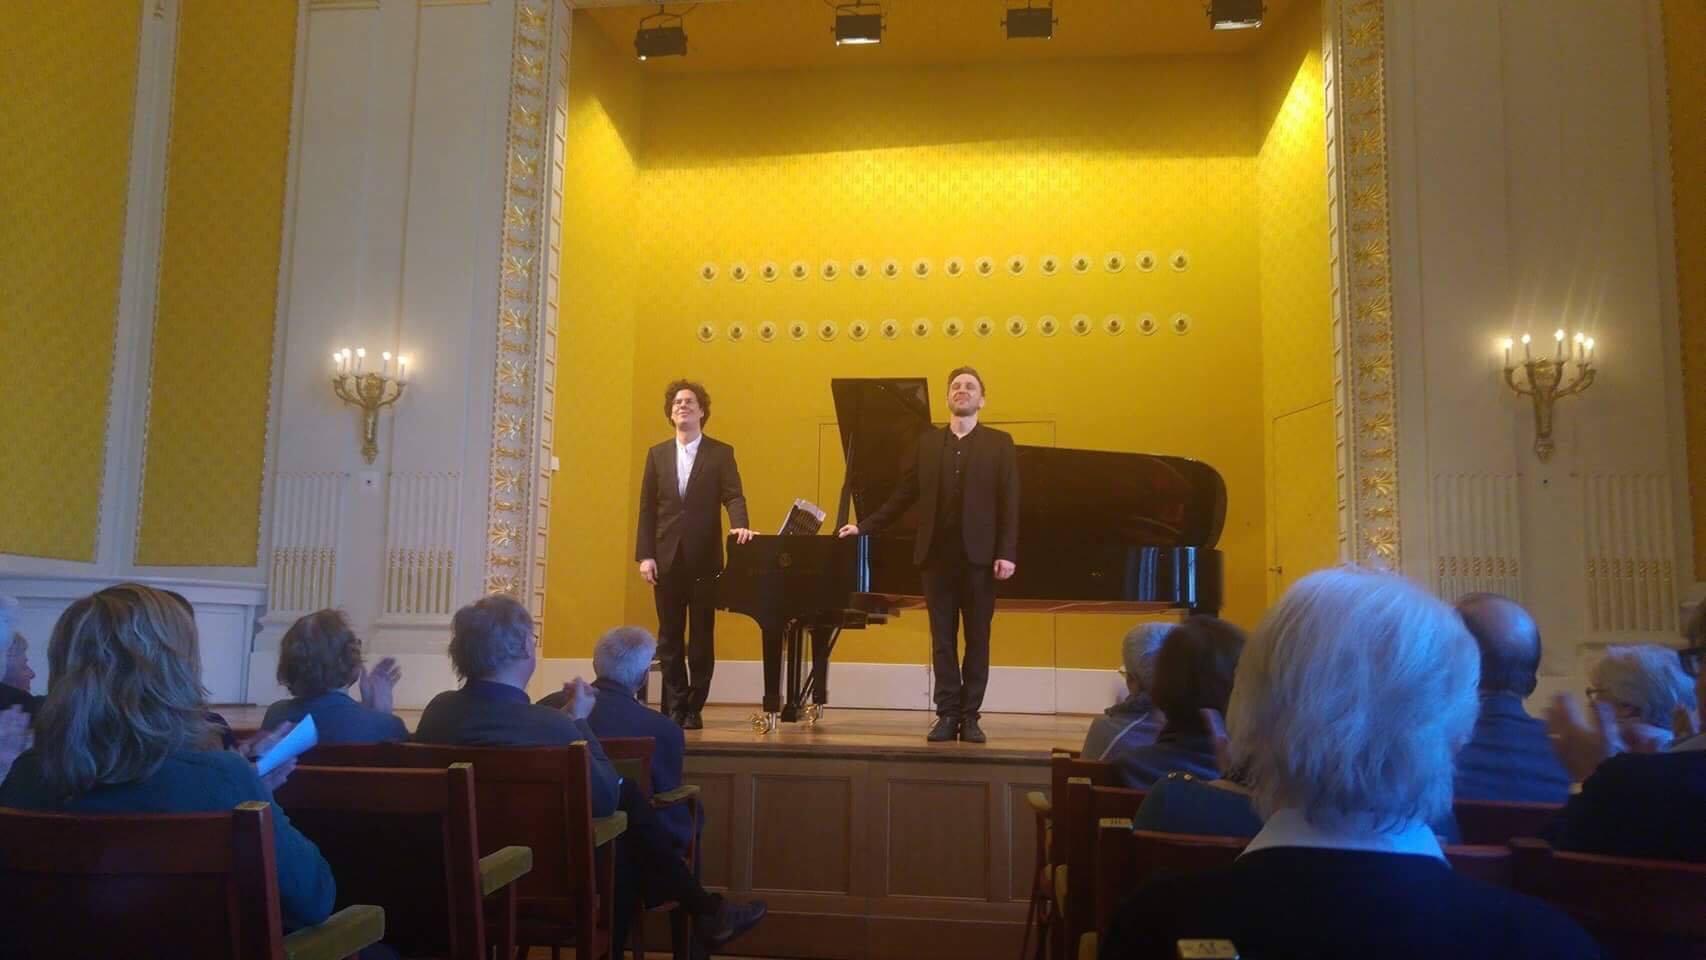 Liedmatinée with Rafael Fingerlos - Konzerthaus Vienna